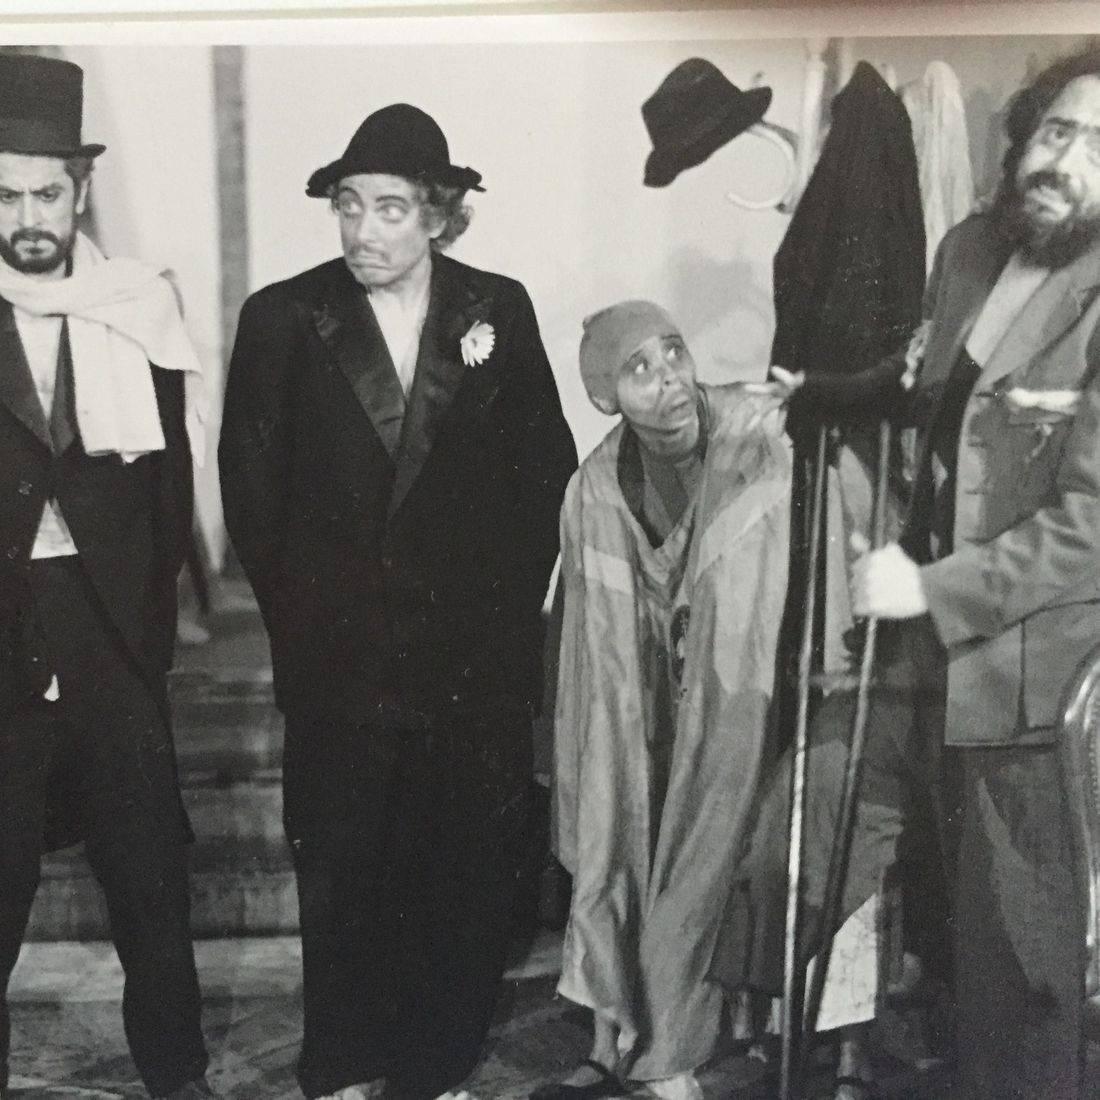 La orgía  by Enrique Buenaventura, directed by Gustavo Gac-Artigas, actors: Antonio Reynaldos, Jaap Remerswal,  Priscilla Gac-Artigas and Gustavo Gac-Artigas